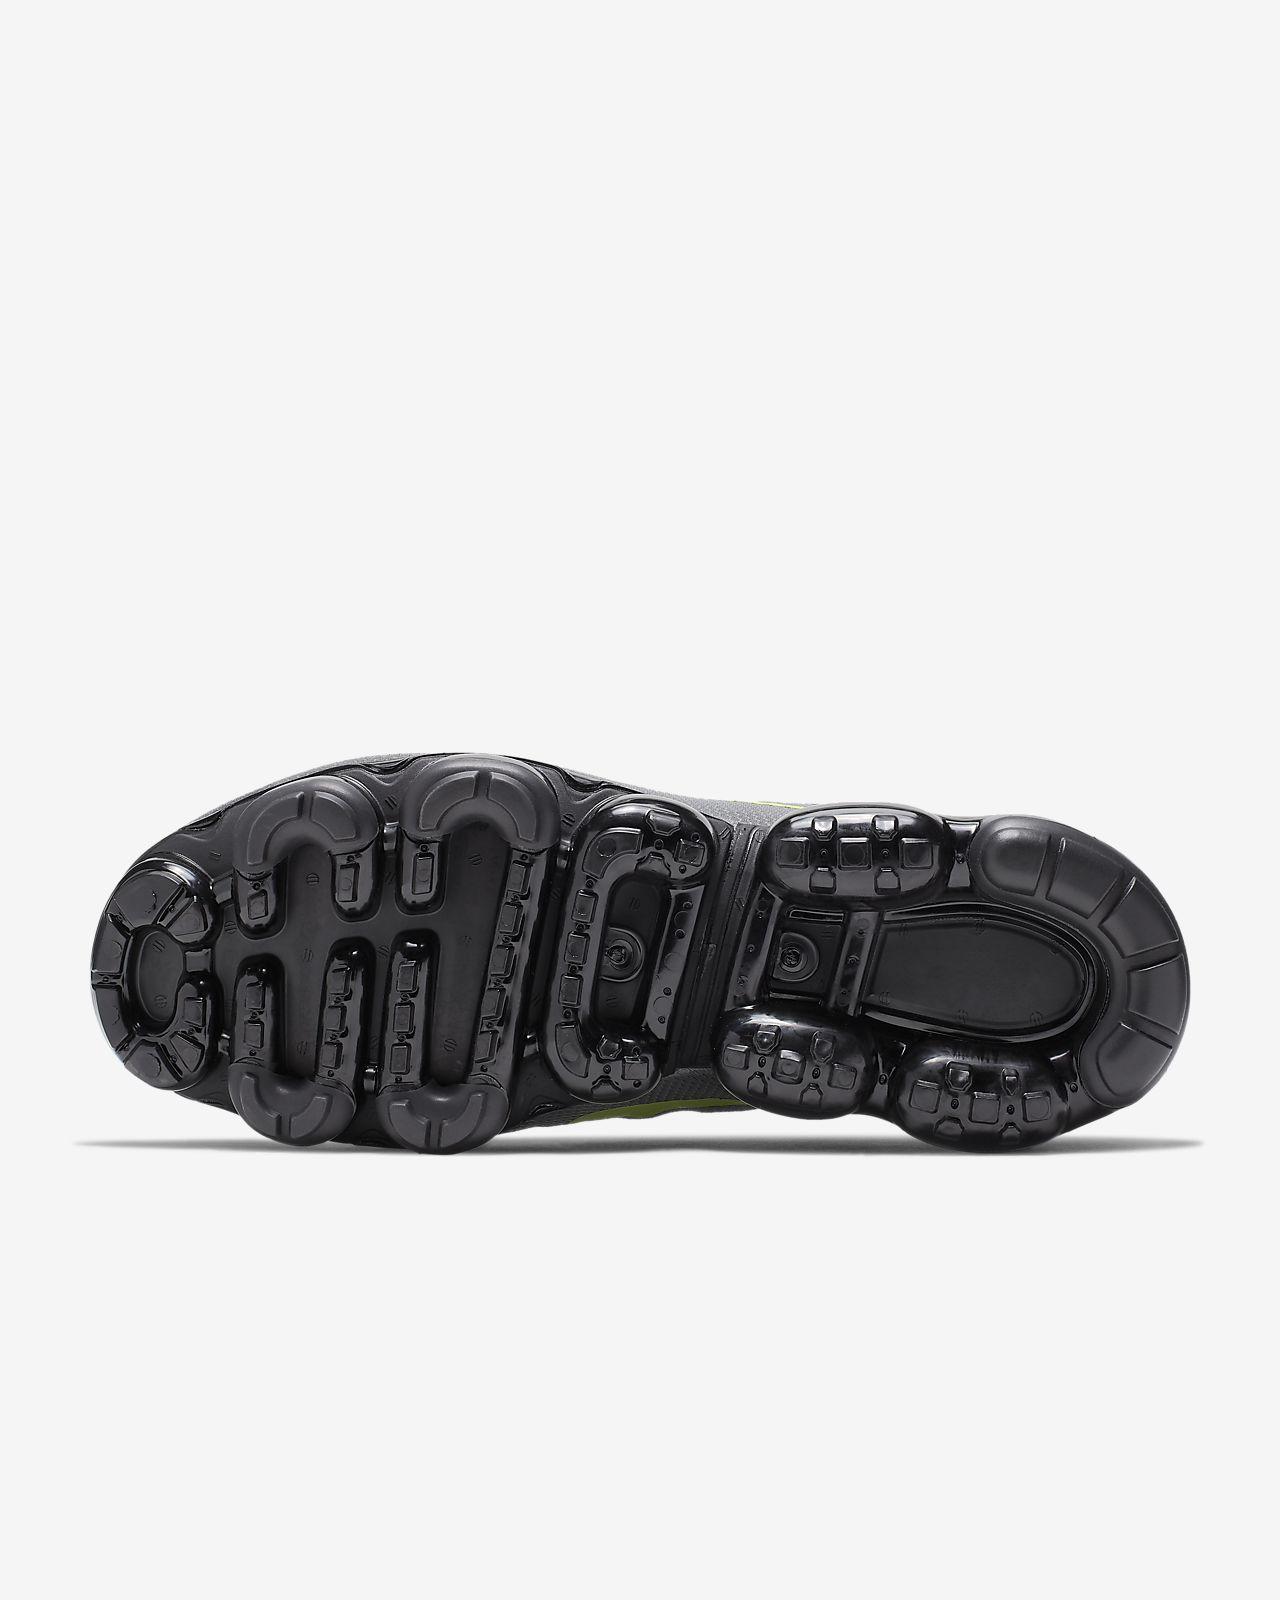 Homme Pour Vapormax Chaussure Nike Air 2019 0OknXP8w